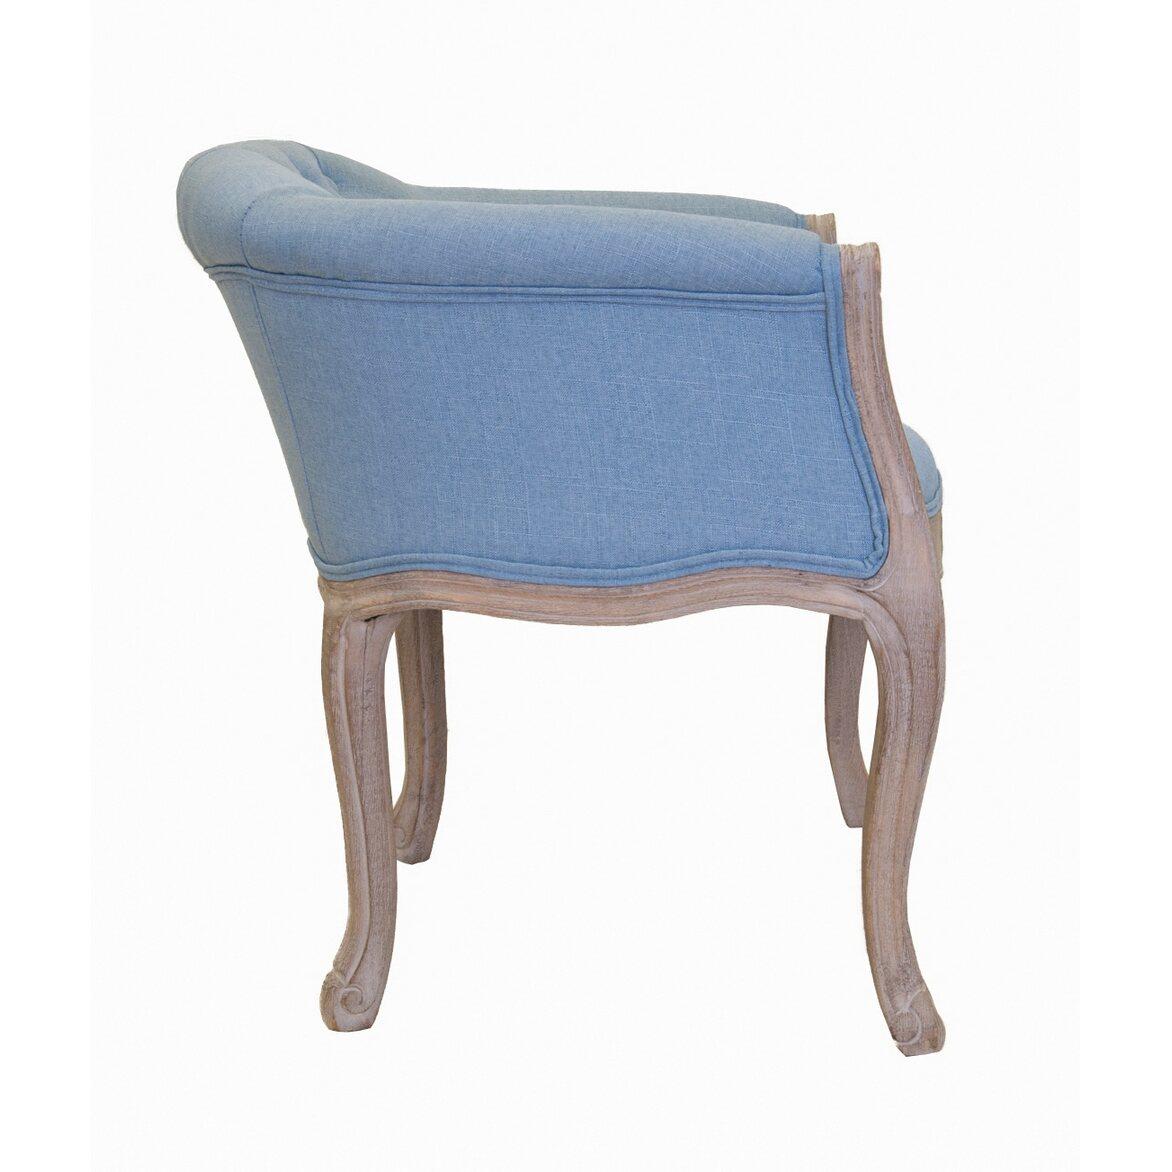 Низкое кресло Kandy light blue 2 | Маленькие кресла Kingsby